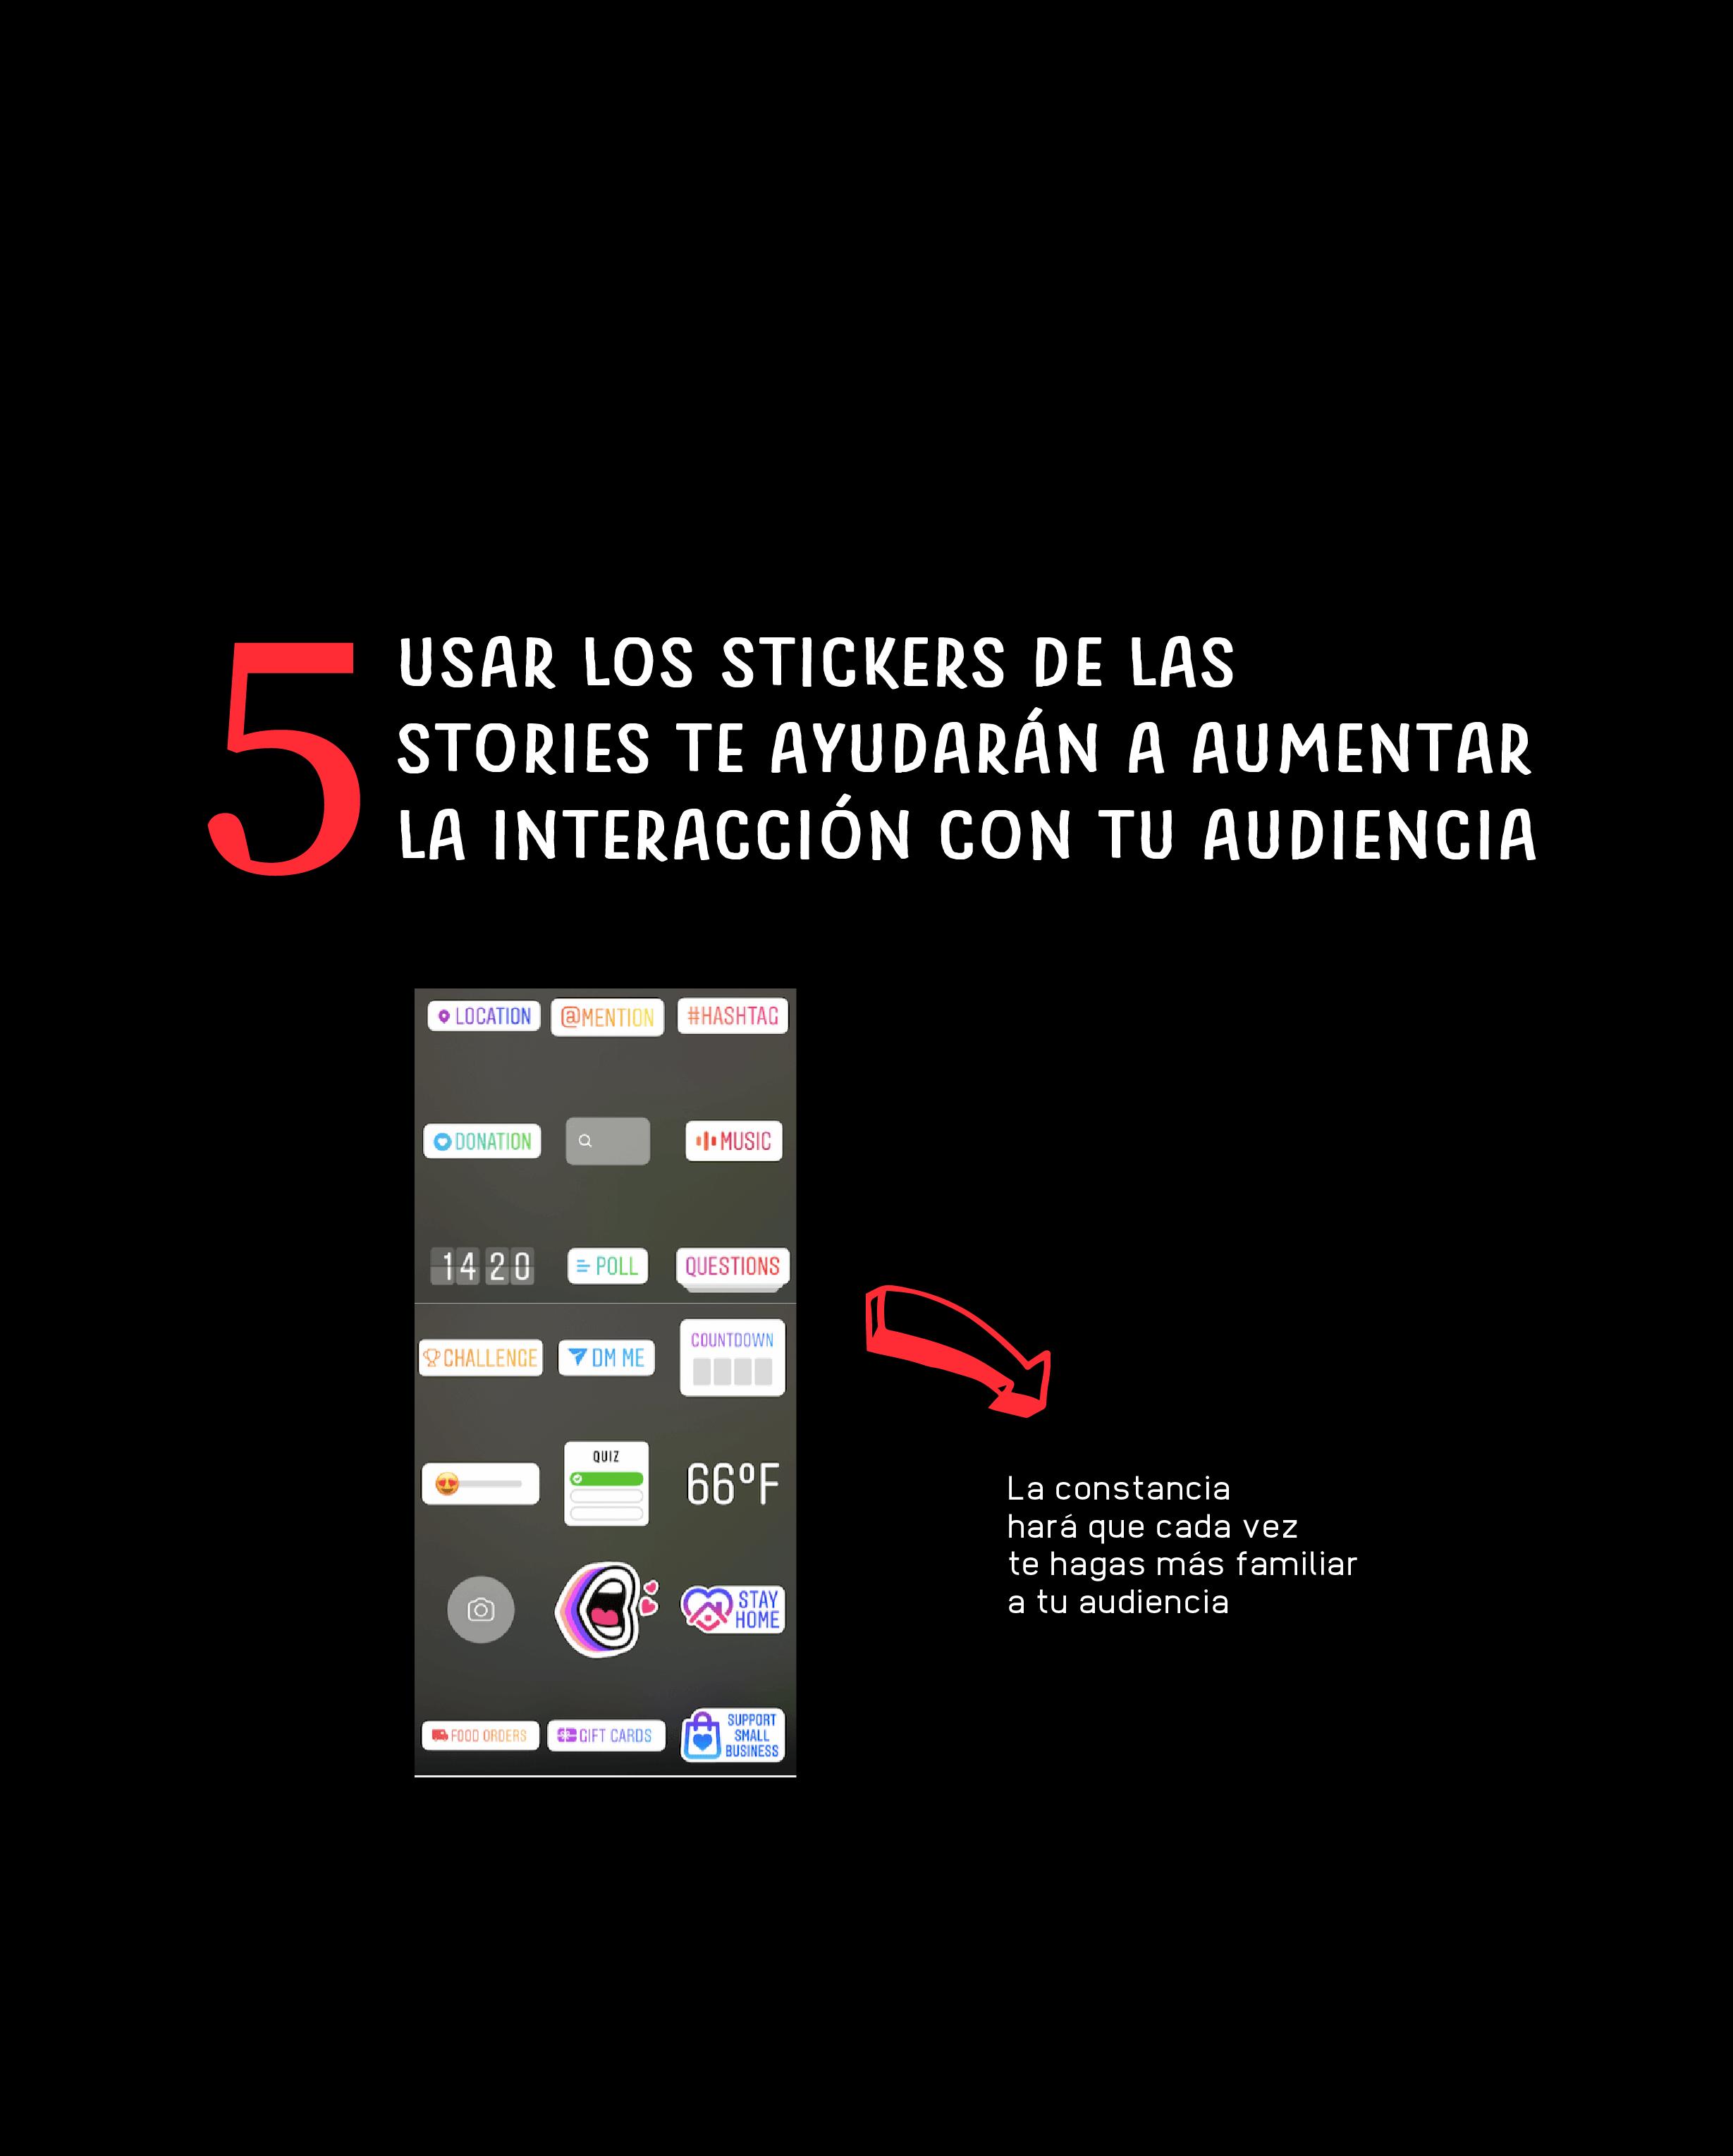 5-secretos-instagram-carolina-limachi-06